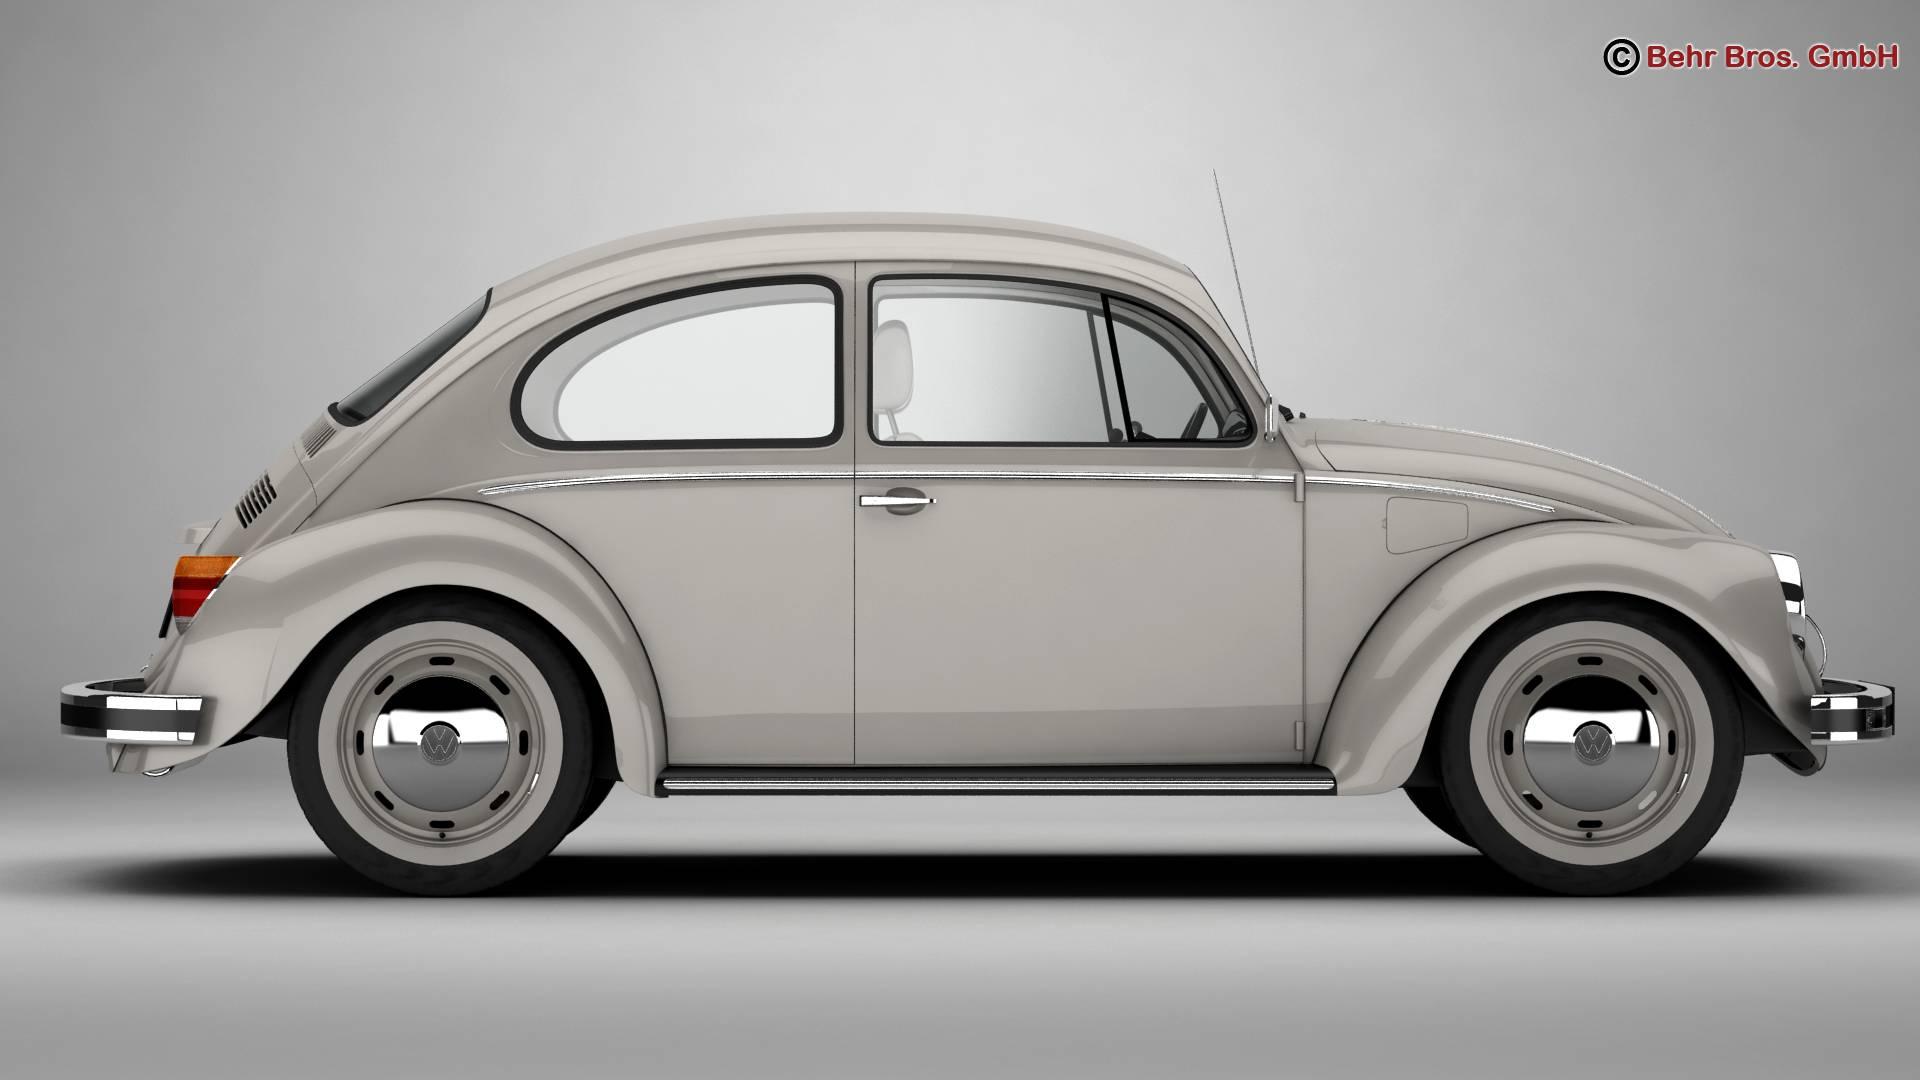 volkswagen beetle 2003 ultima edicion 3d model 3ds max fbx c4d lwo ma mb obj 220882